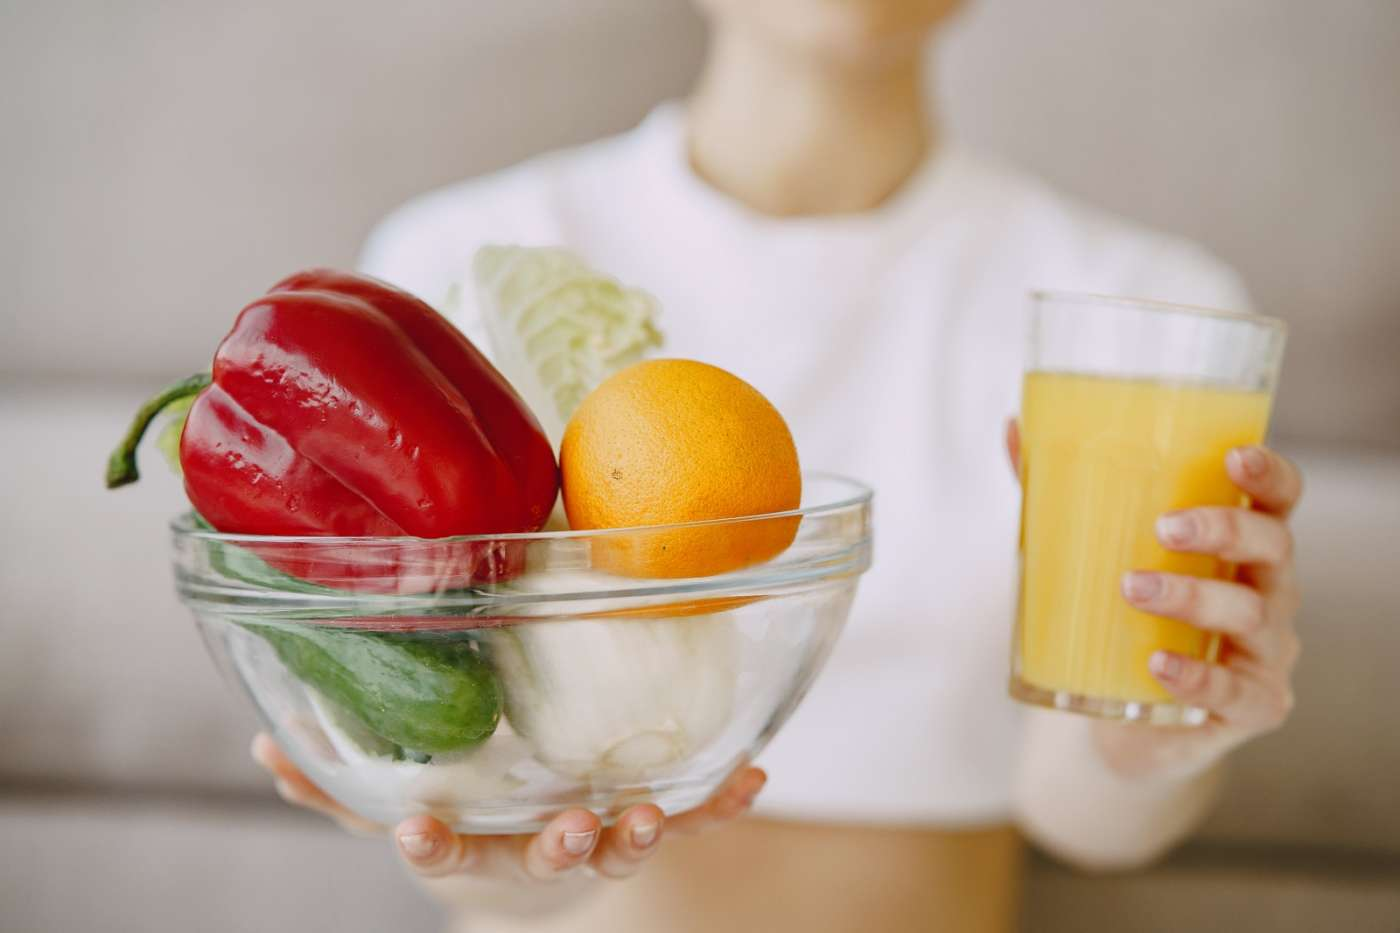 skuteczne odchudzanie - co jeść aby schudnąć